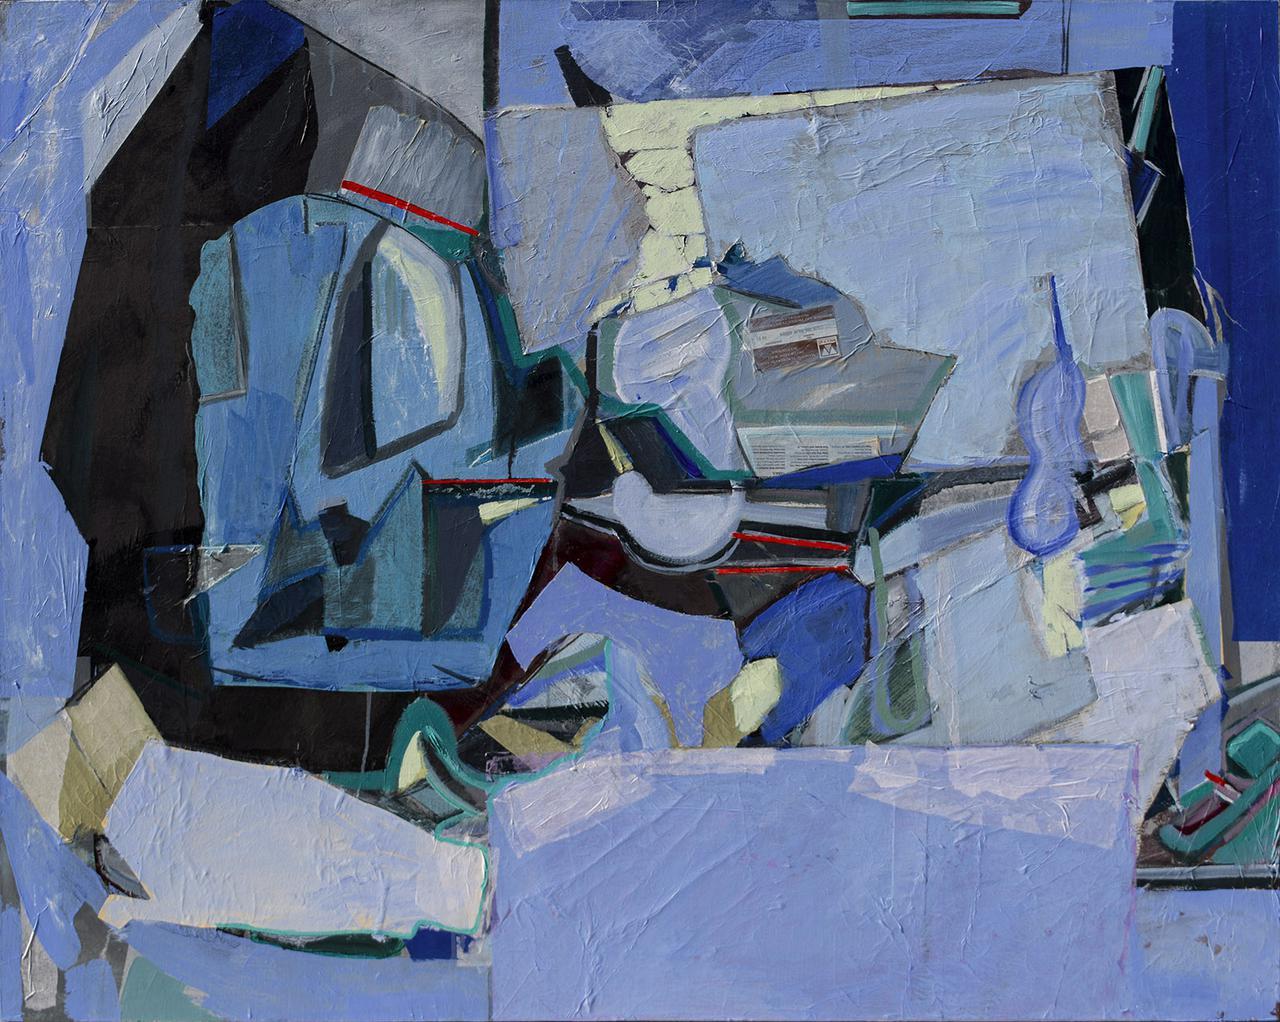 Window in Blue by Matt Kaplinsky 48x60 mixed media _ web.jpg